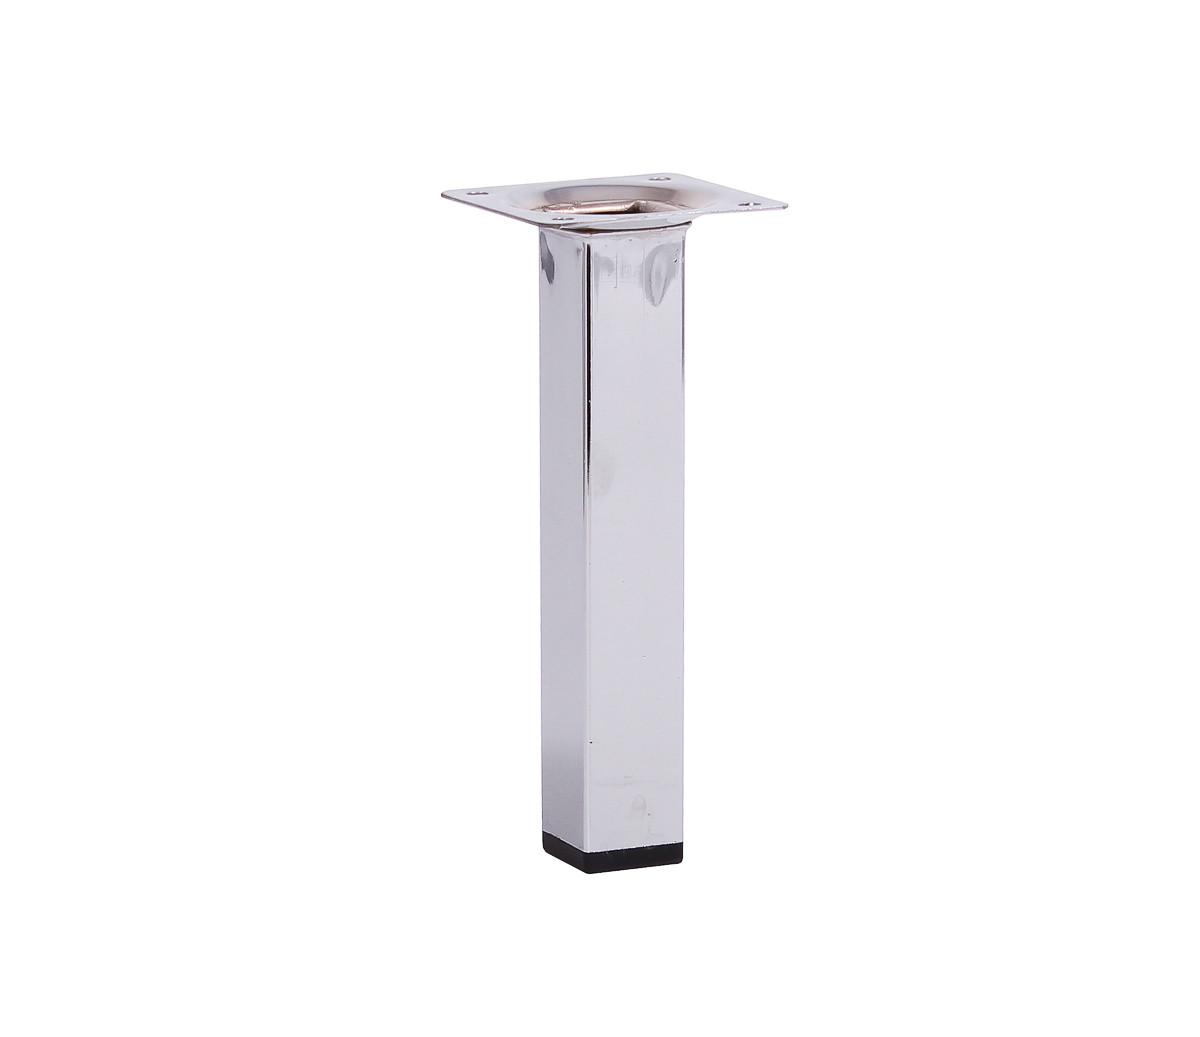 Мебельная нога Larvij 150 x 25 мм хром(L61S15CH25). Мебельная ножка. Мебельная опора. Квадратная